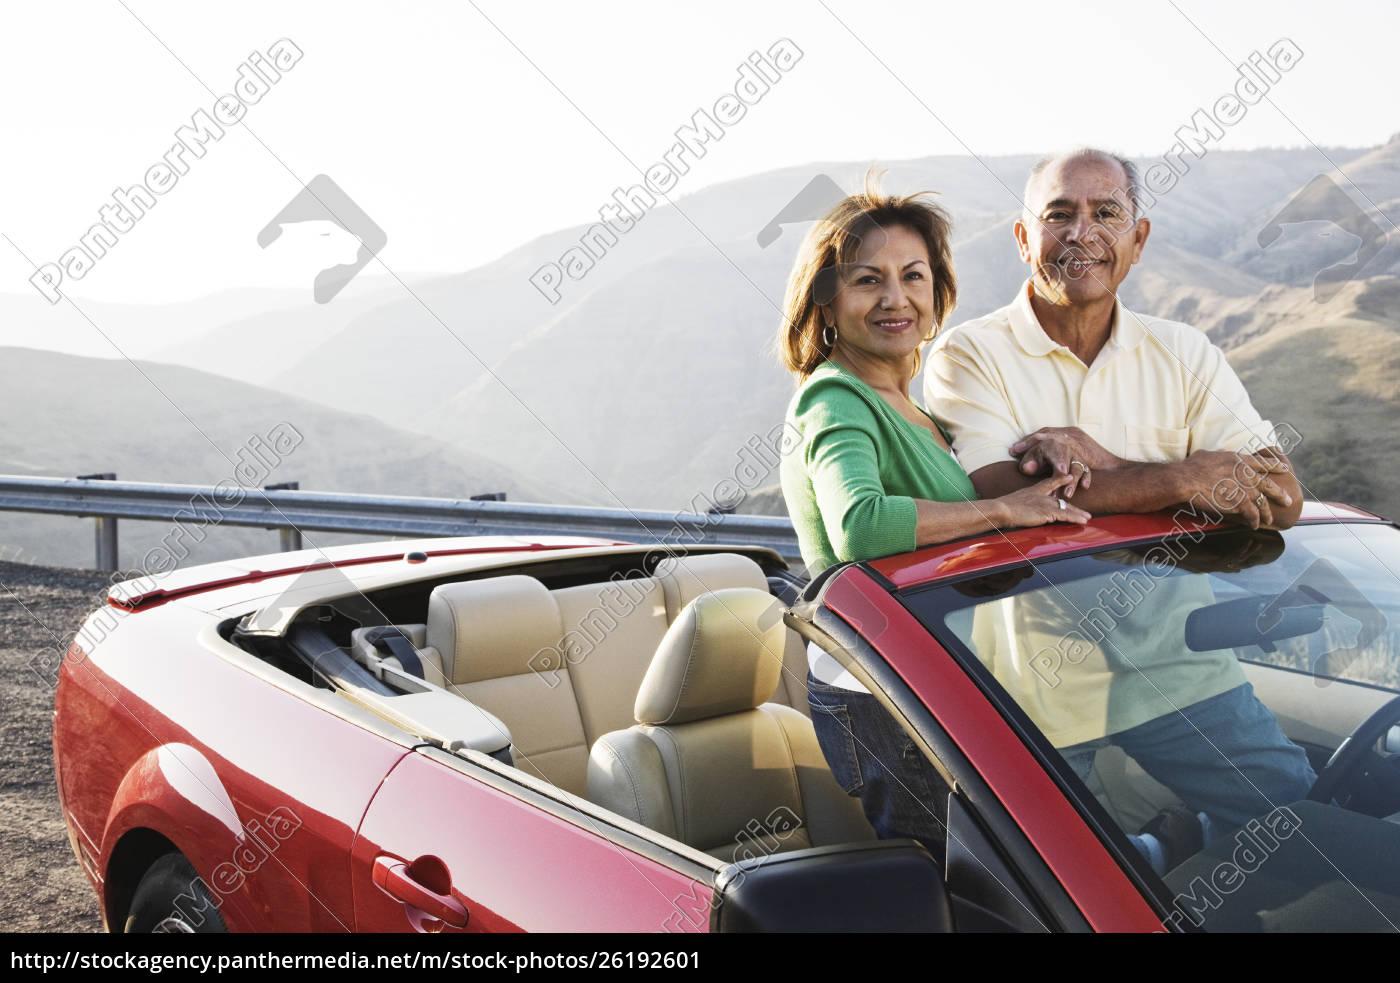 um, par, latino-americano, sênior, do, quadril - 26192601